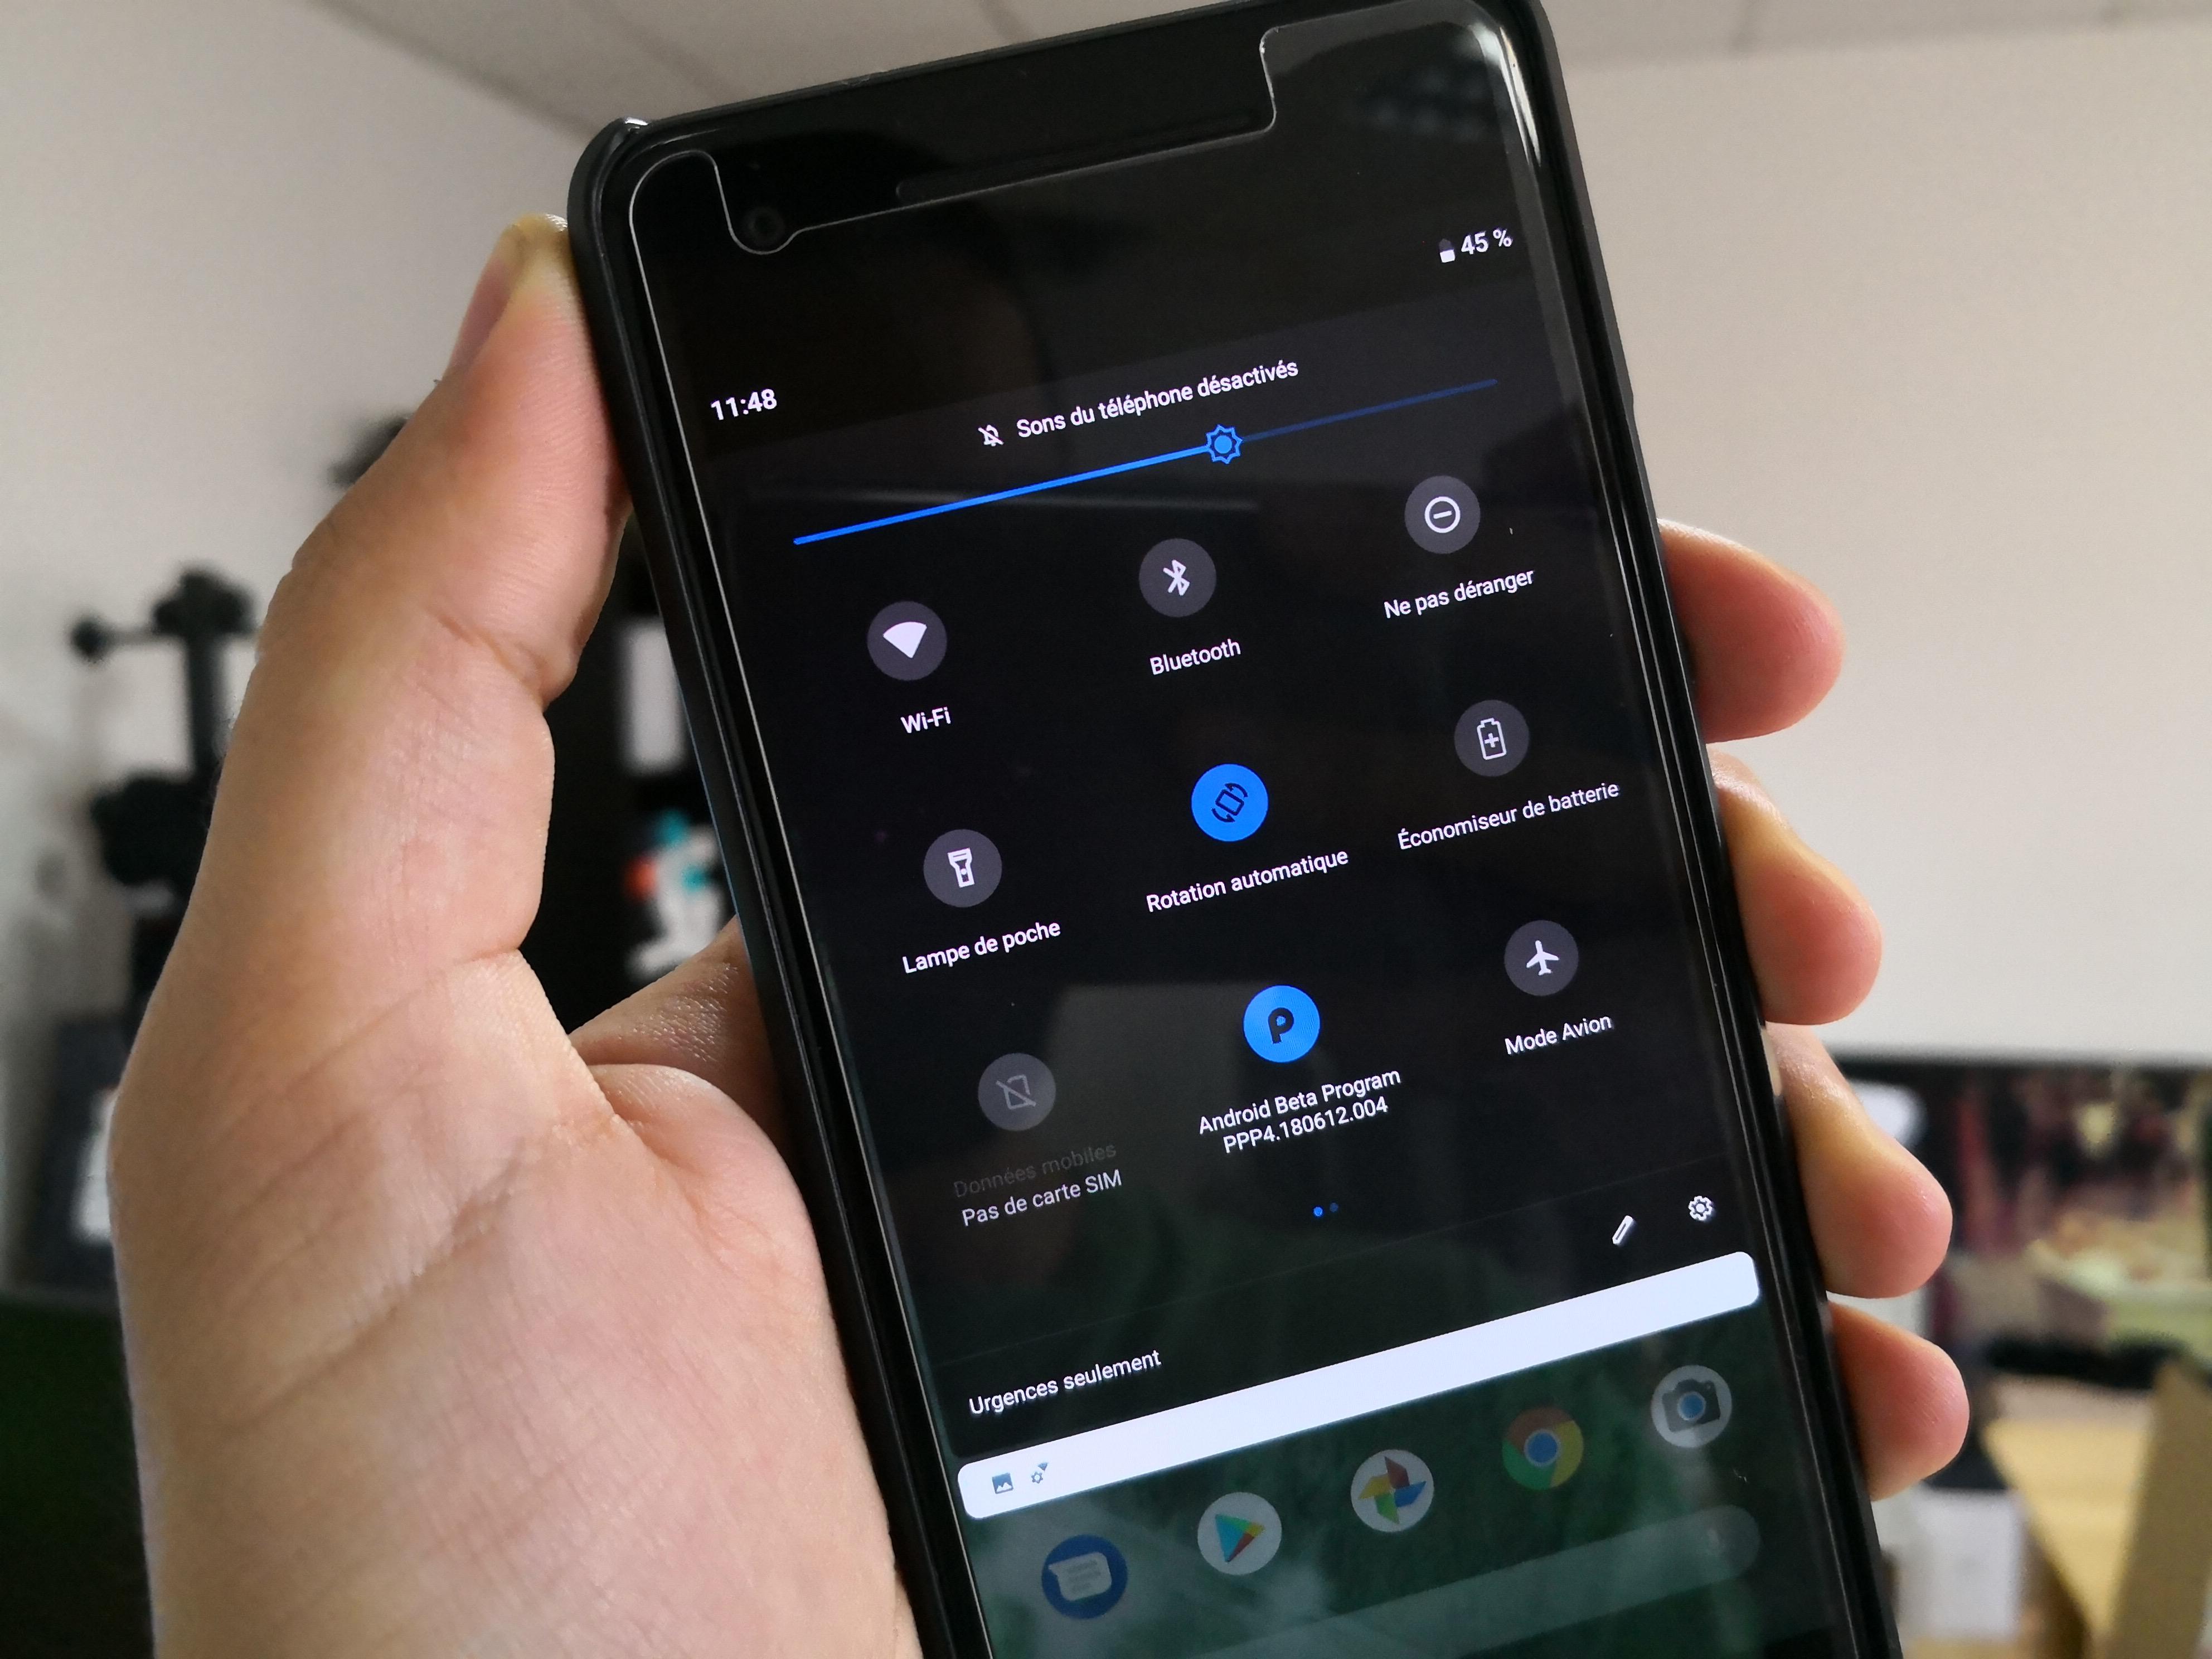 Android P : le choix d'un thème sombre est (enfin) intégré